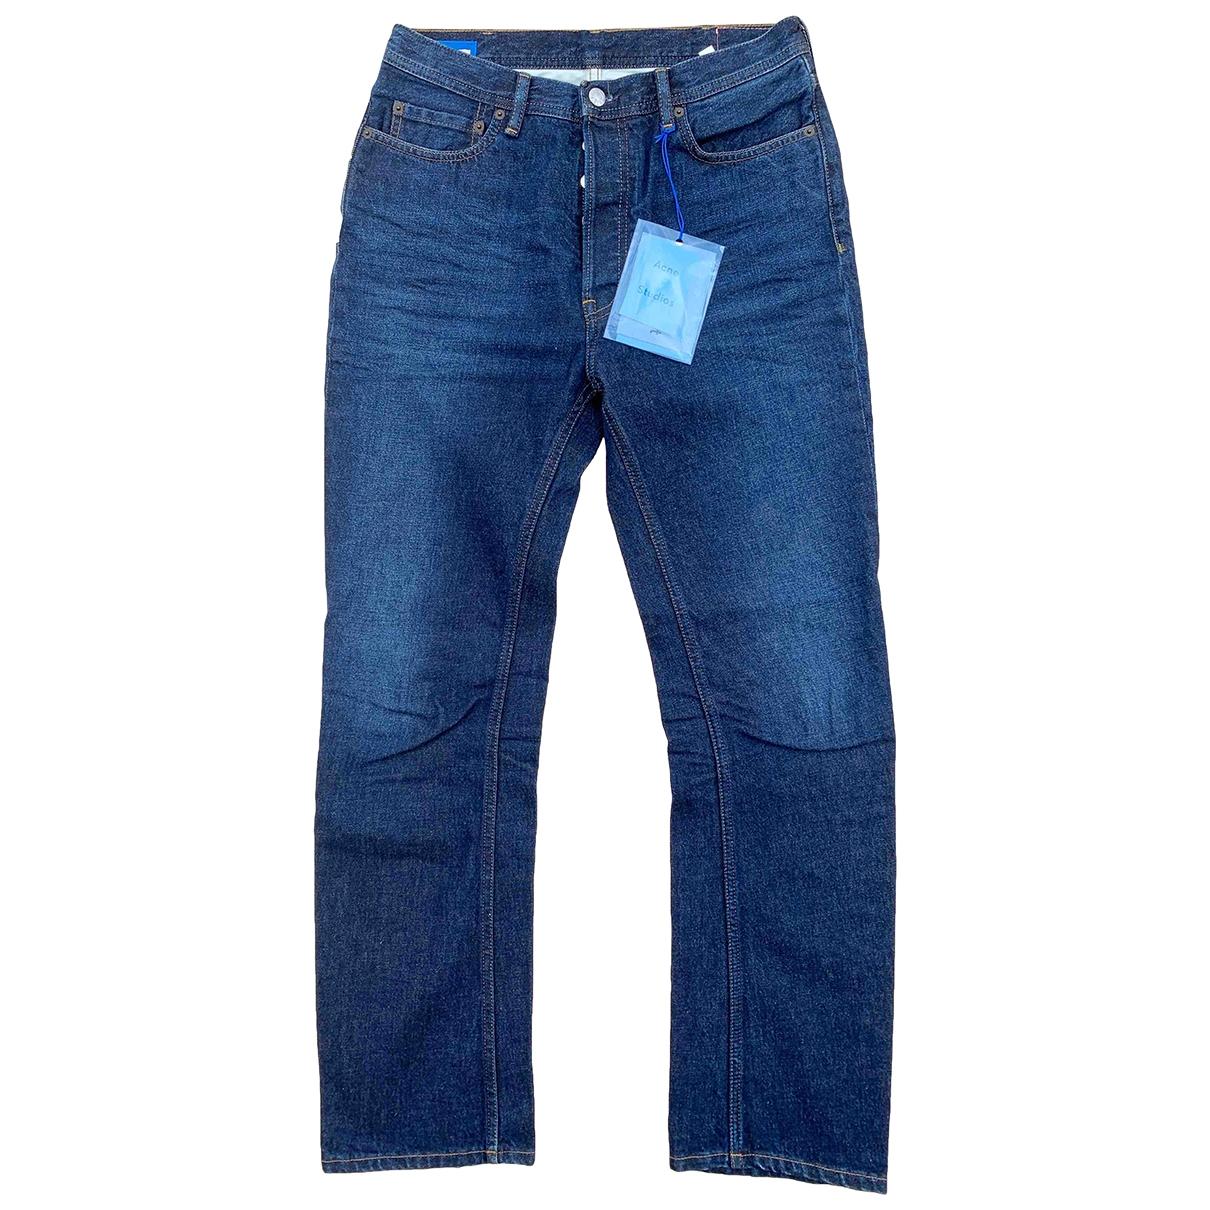 Acne Studios Blå Konst Blue Cotton Jeans for Women 27 US